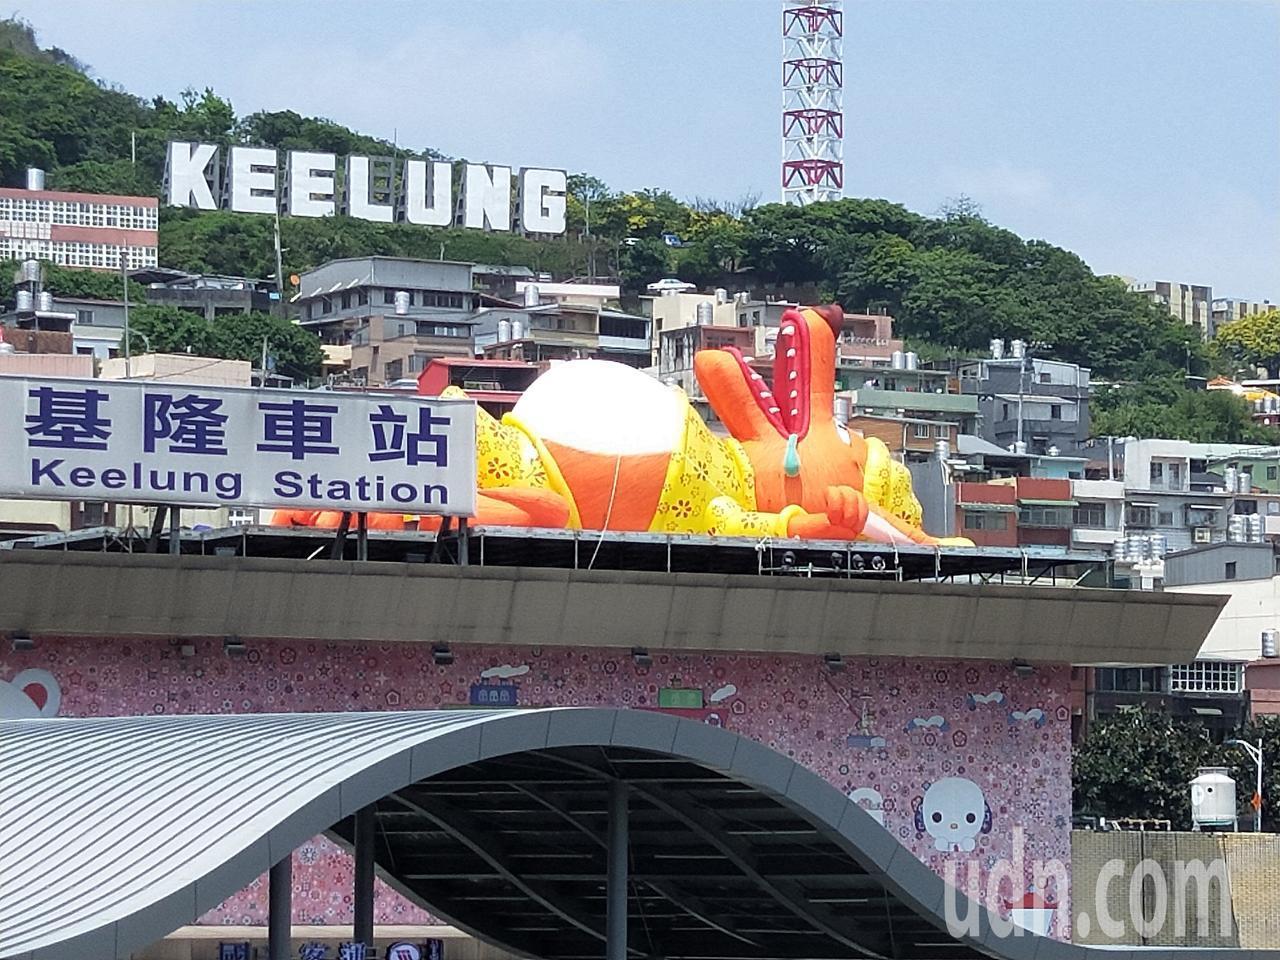 2018基隆童話藝術節今天在海洋廣場熱情登場,基隆港周邊的大型汽球裝置小木偶、燈...